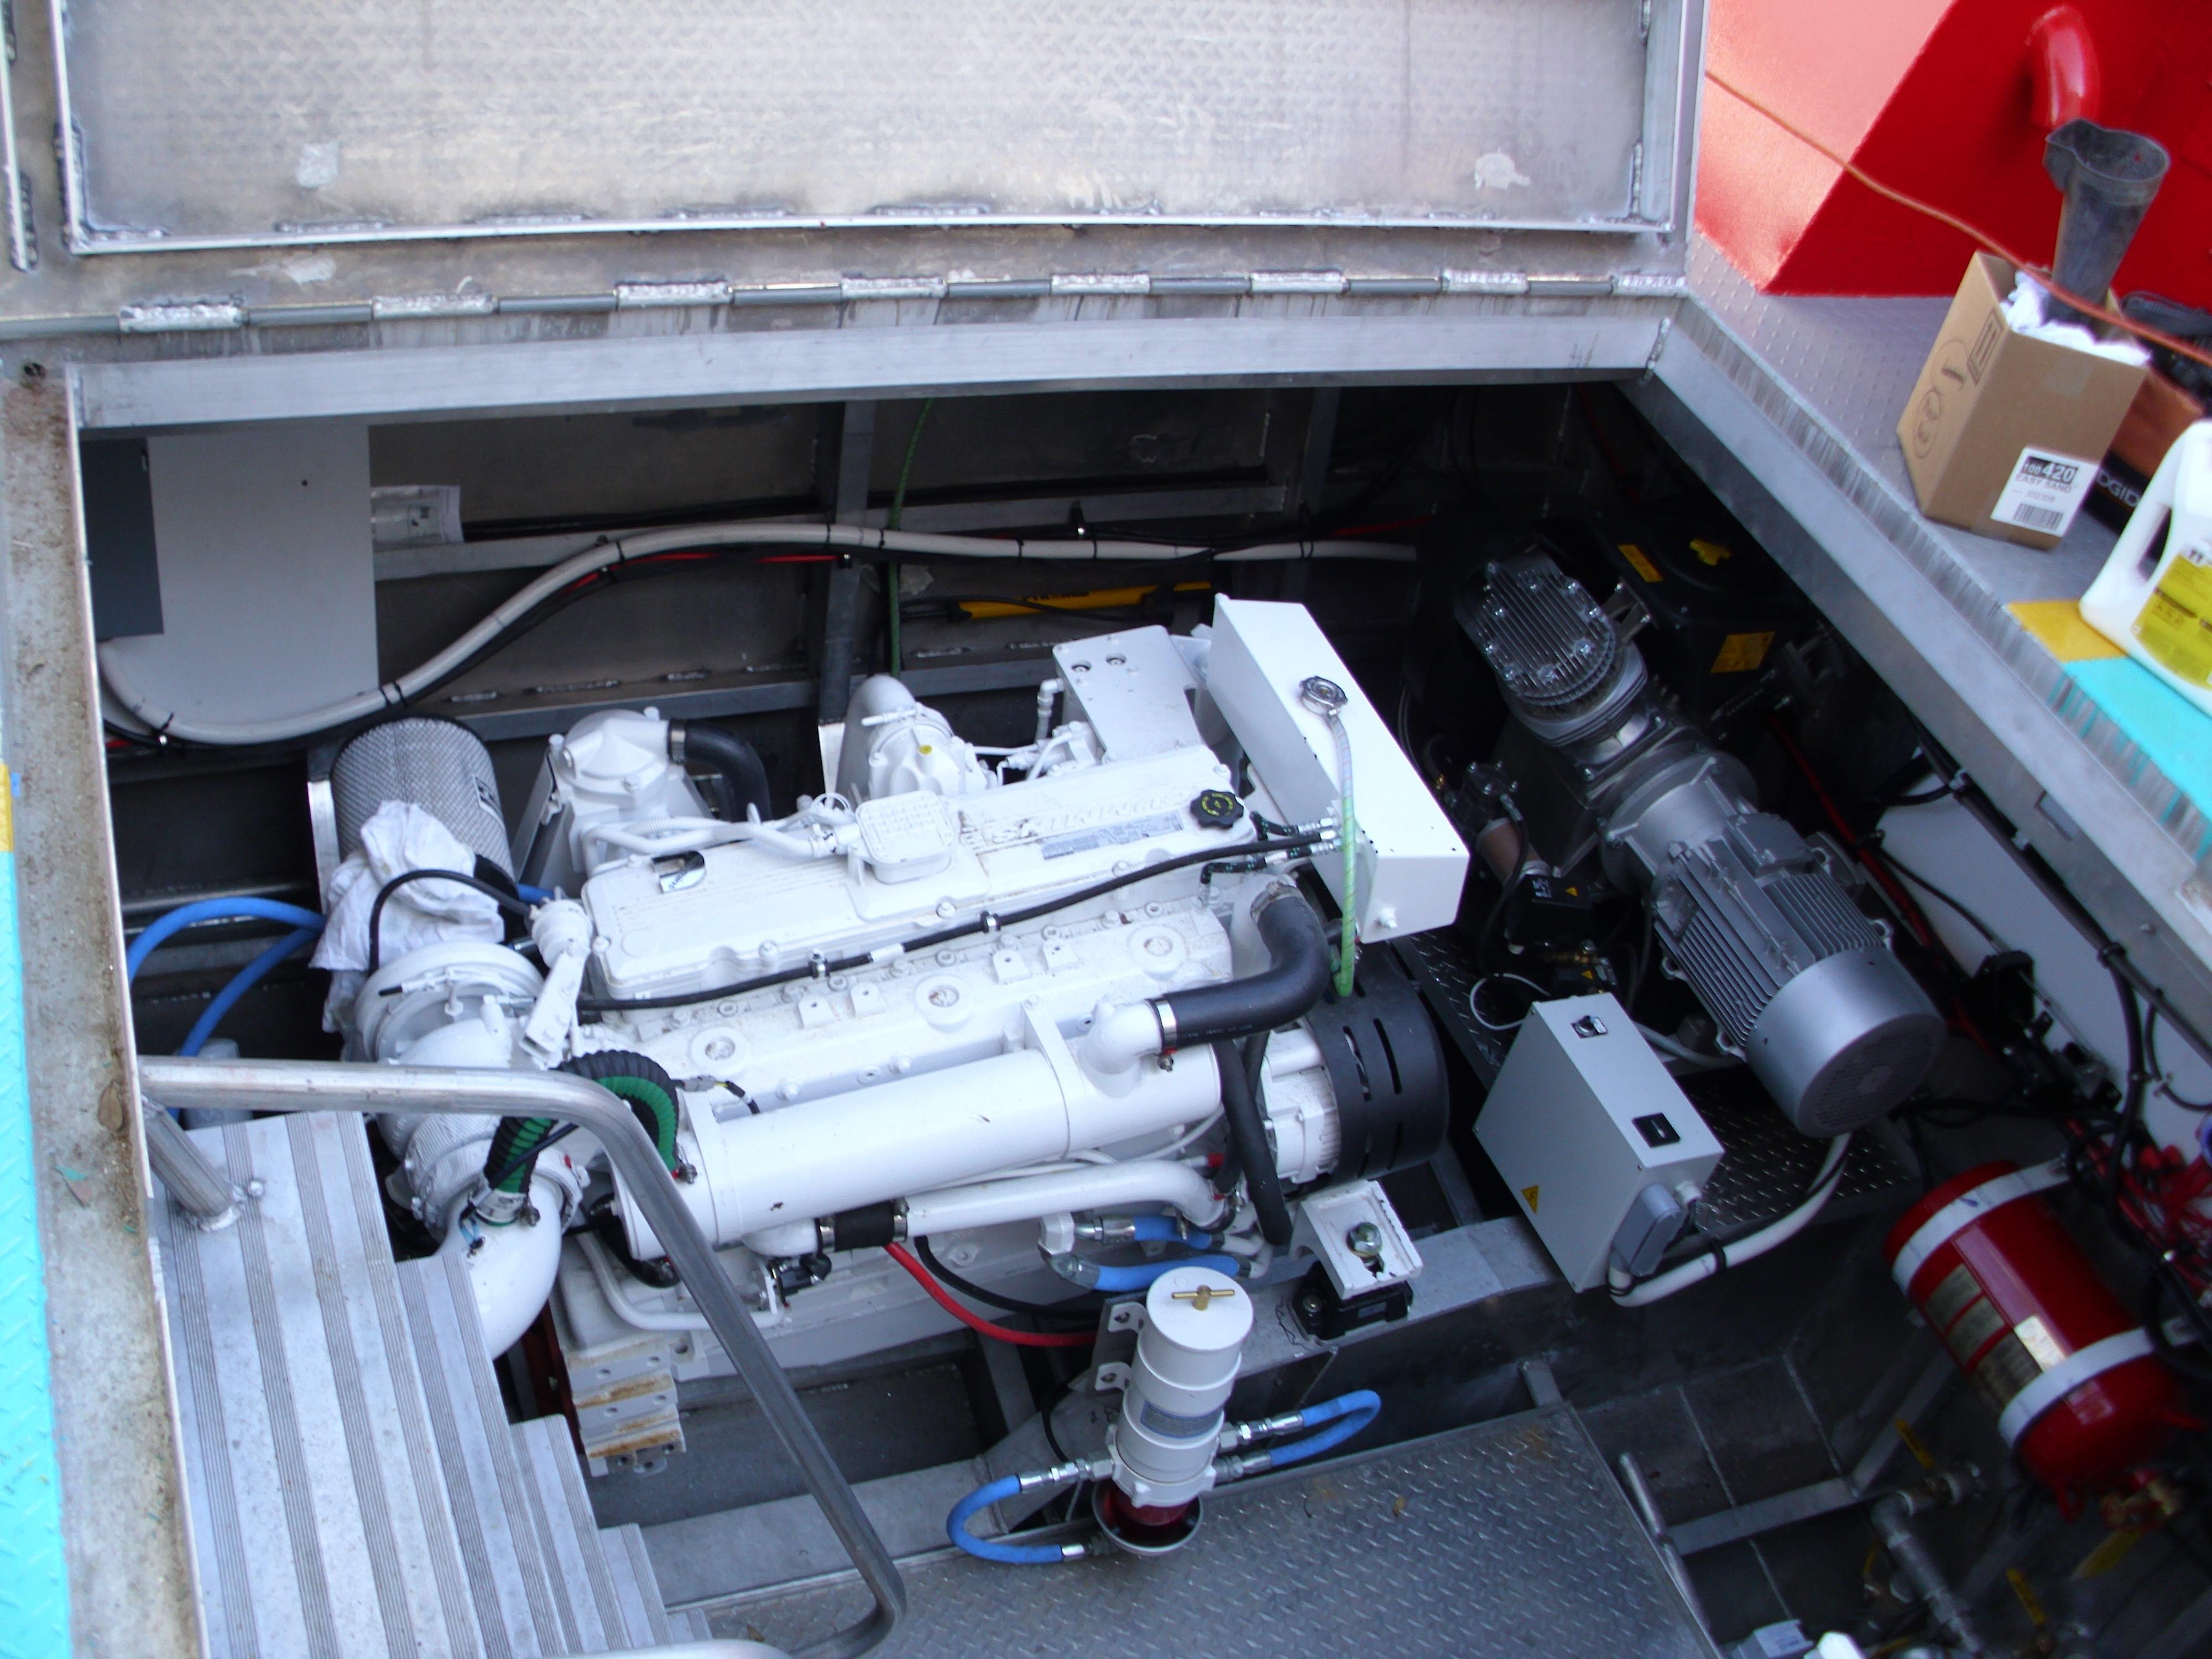 Port Engine and Air Compressor